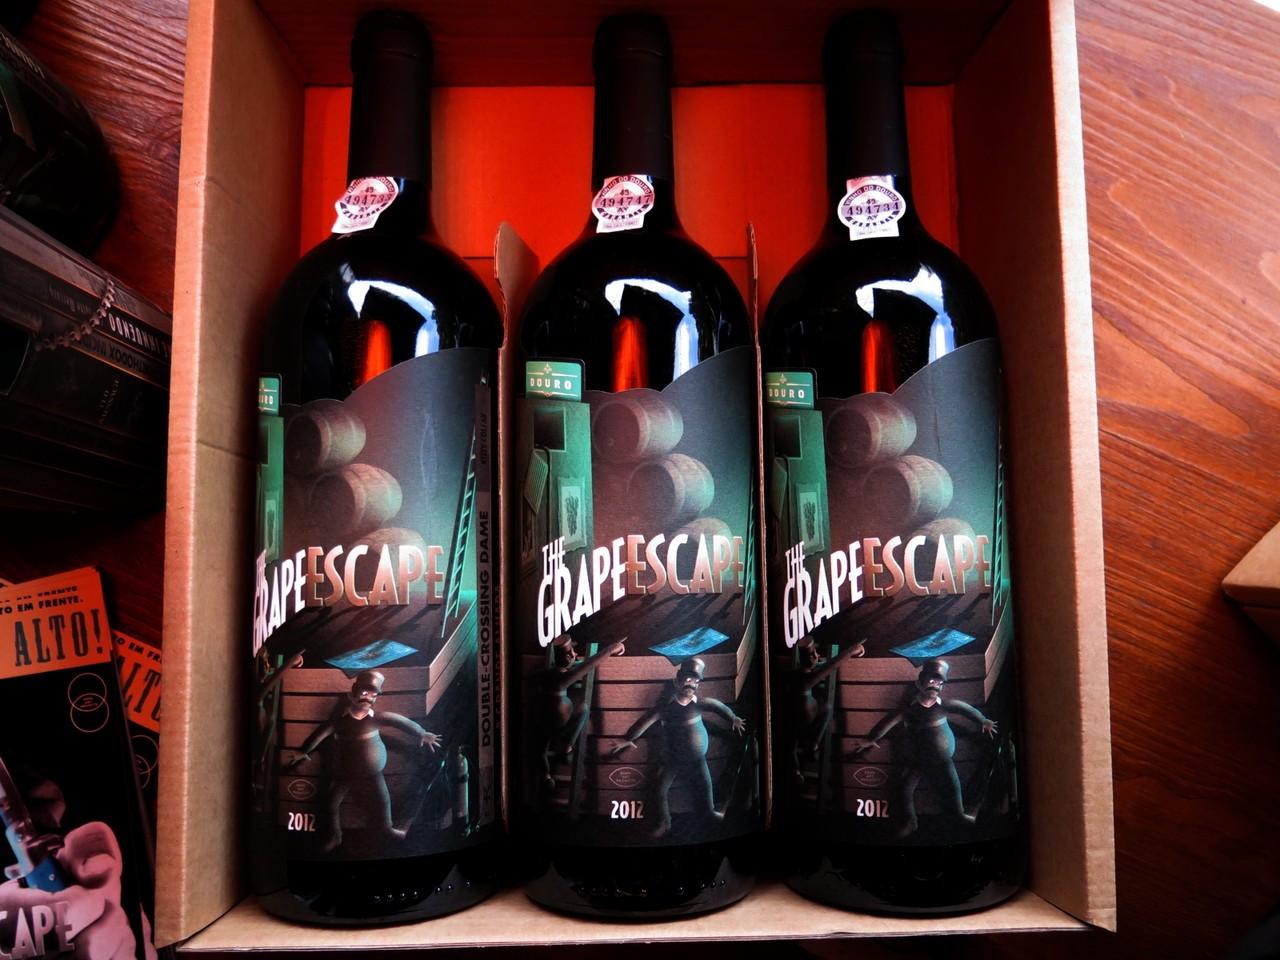 The Grape Escape tinto 2012